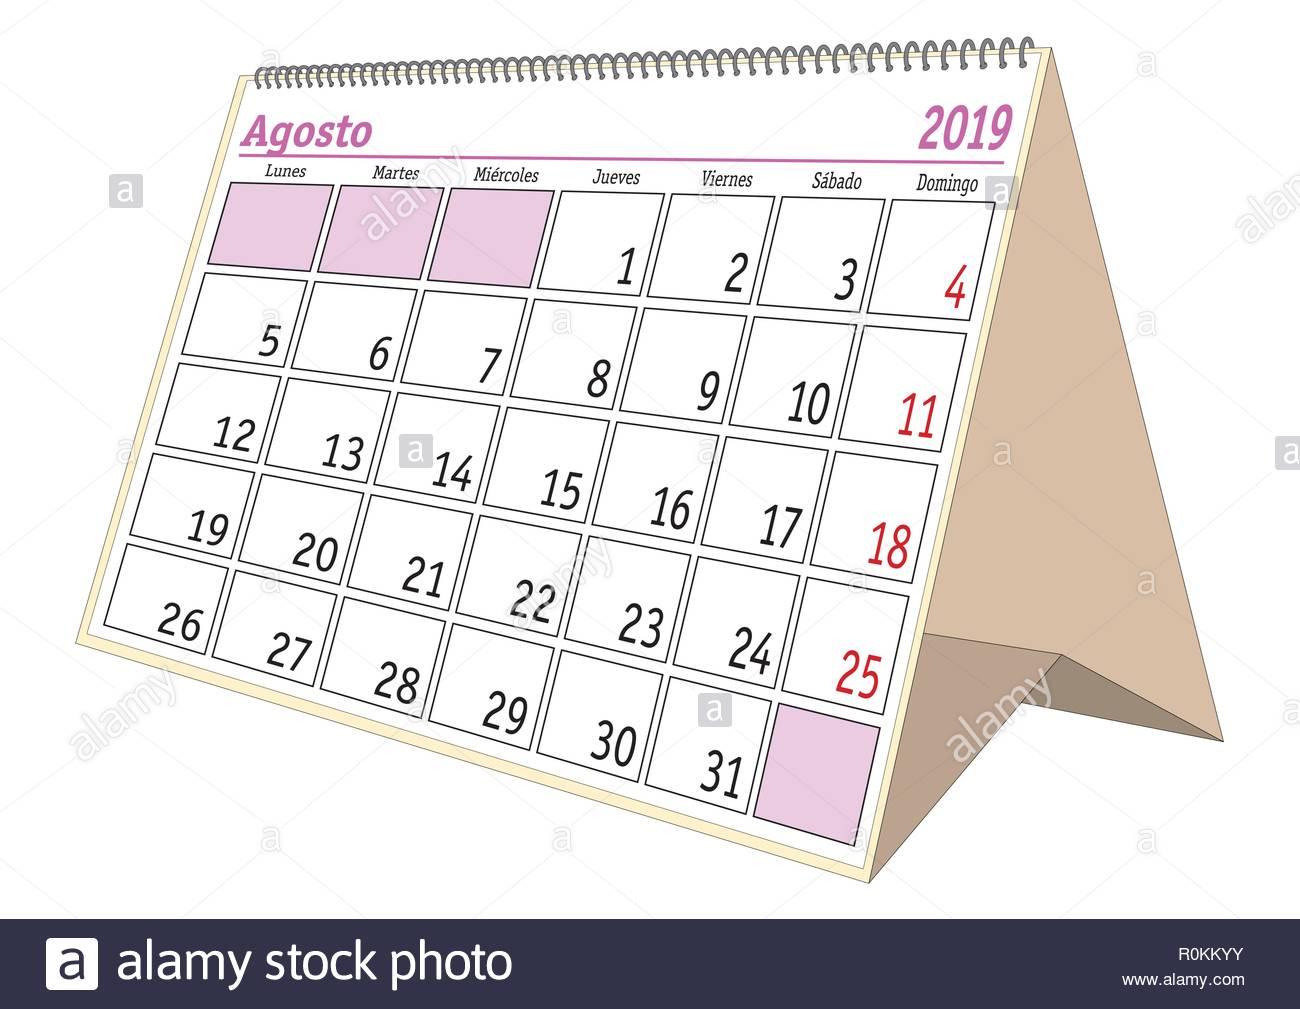 Calendario Agosto 2019 Espana.Agosto De Hoja En Una Mesa Espanola Calendario Para El Ano 2019